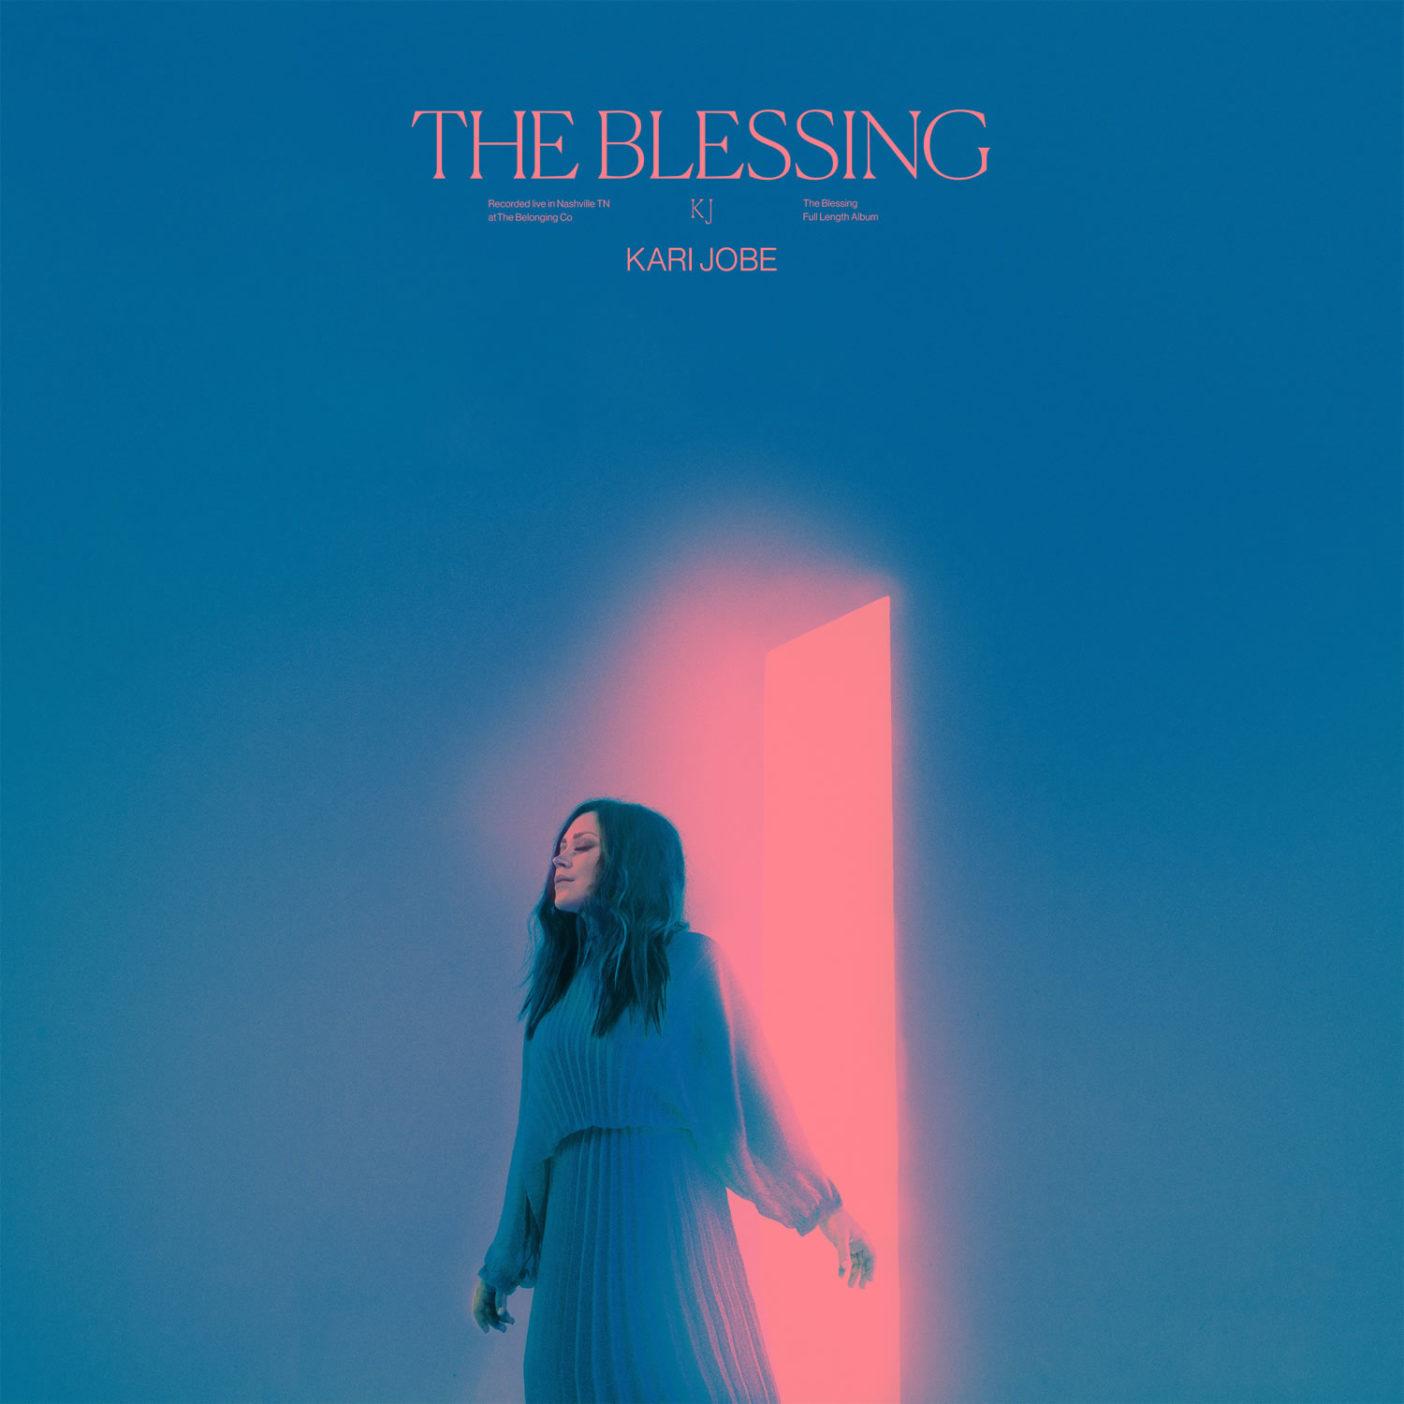 Kari Jobe - The Blessing